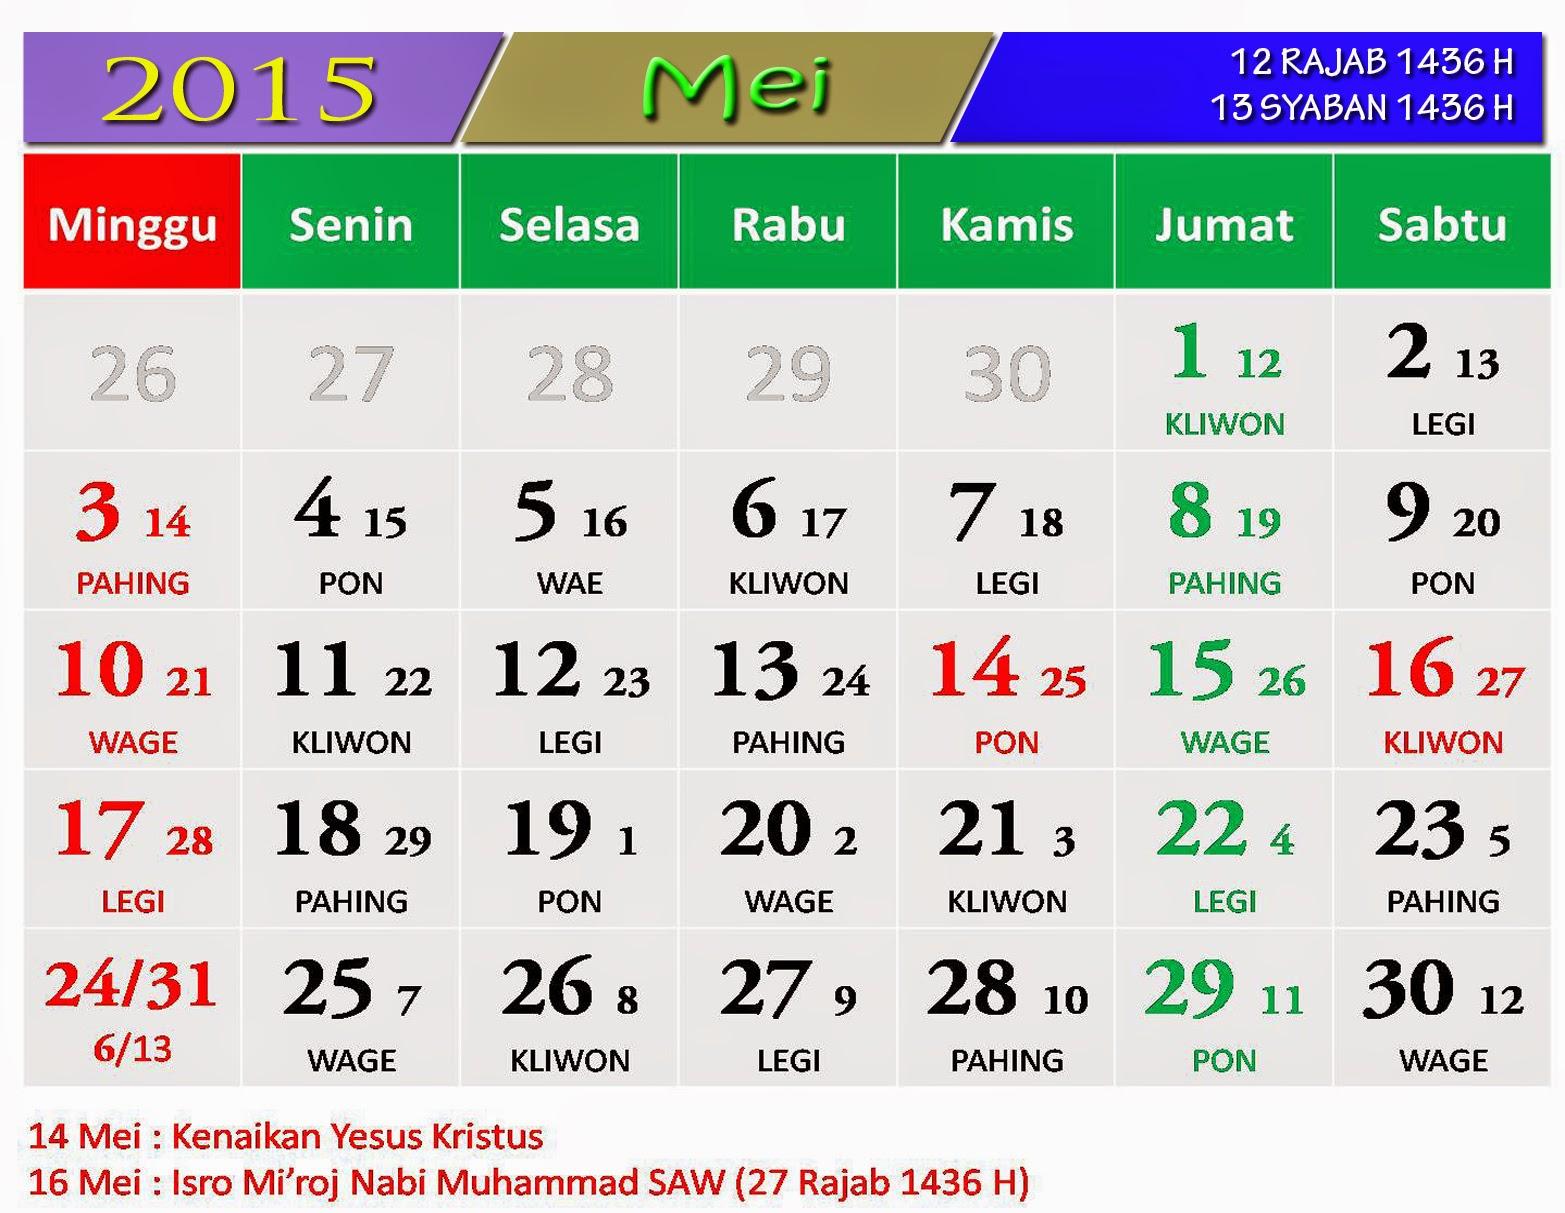 Kalender Jawa Bulan Mei 2015 | Search Results | Calendar 2015